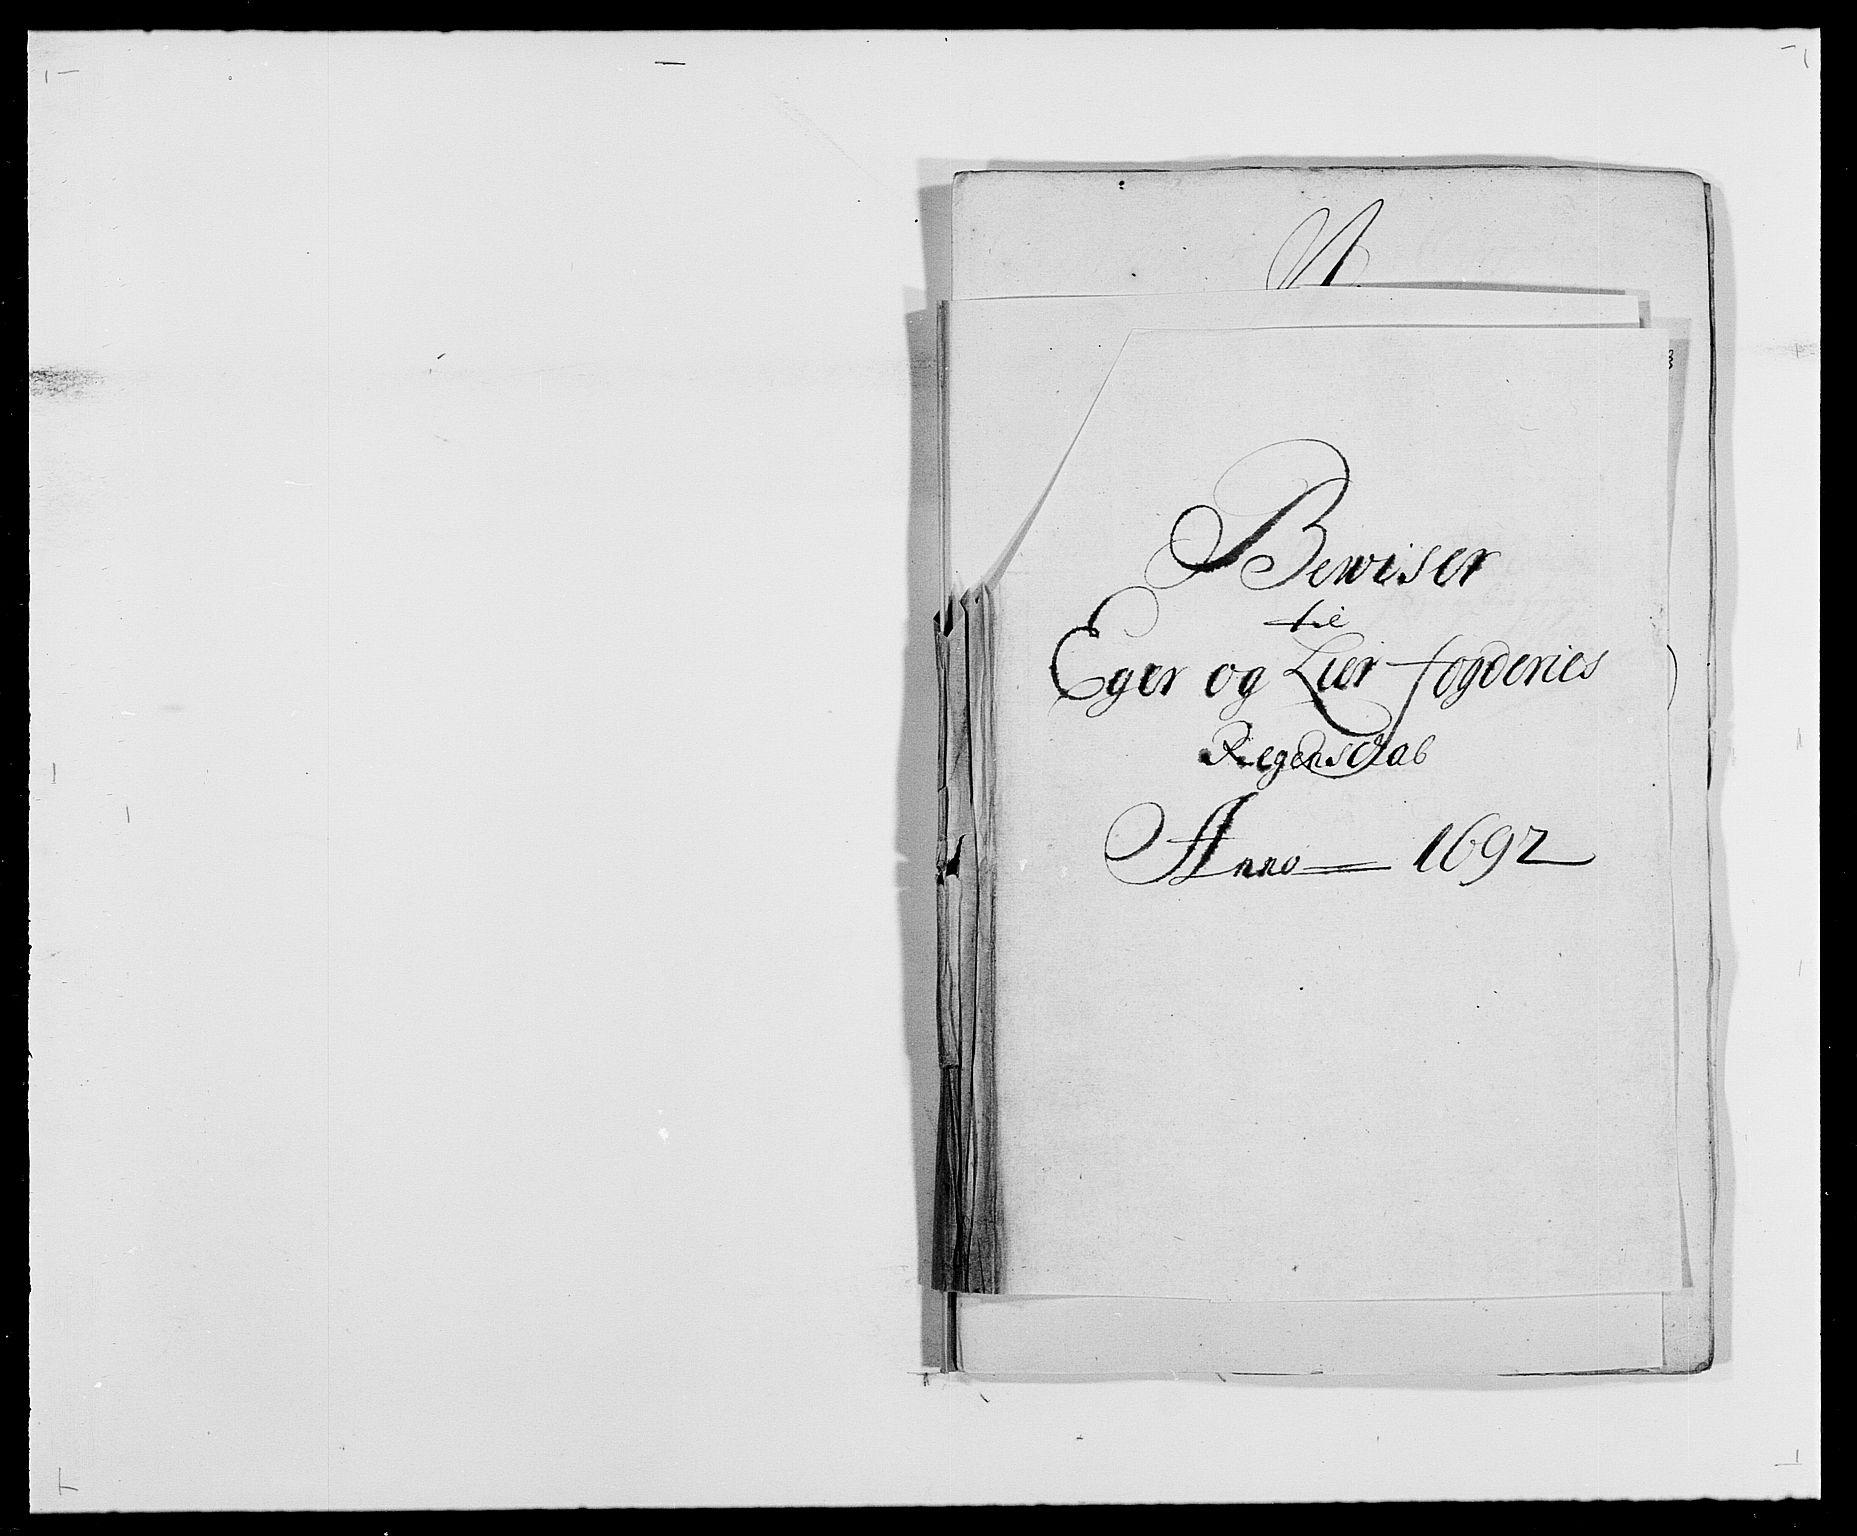 RA, Rentekammeret inntil 1814, Reviderte regnskaper, Fogderegnskap, R28/L1690: Fogderegnskap Eiker og Lier, 1692-1693, s. 99